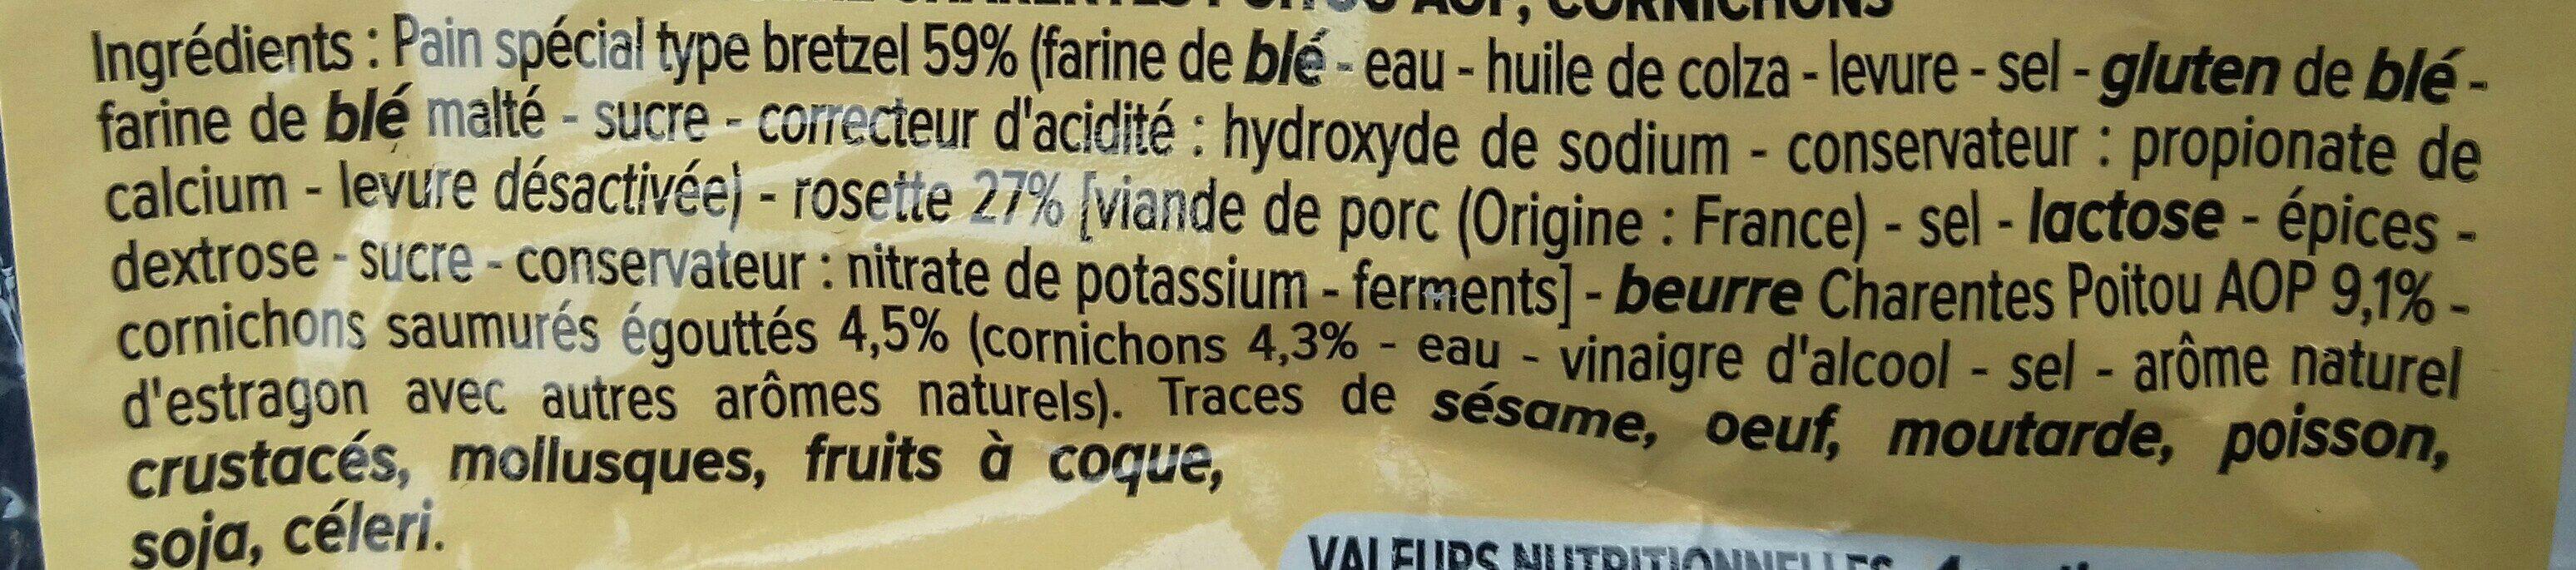 Moricette rosette beurre Charente-Poitou AOP cornichons - Ingrédients - fr